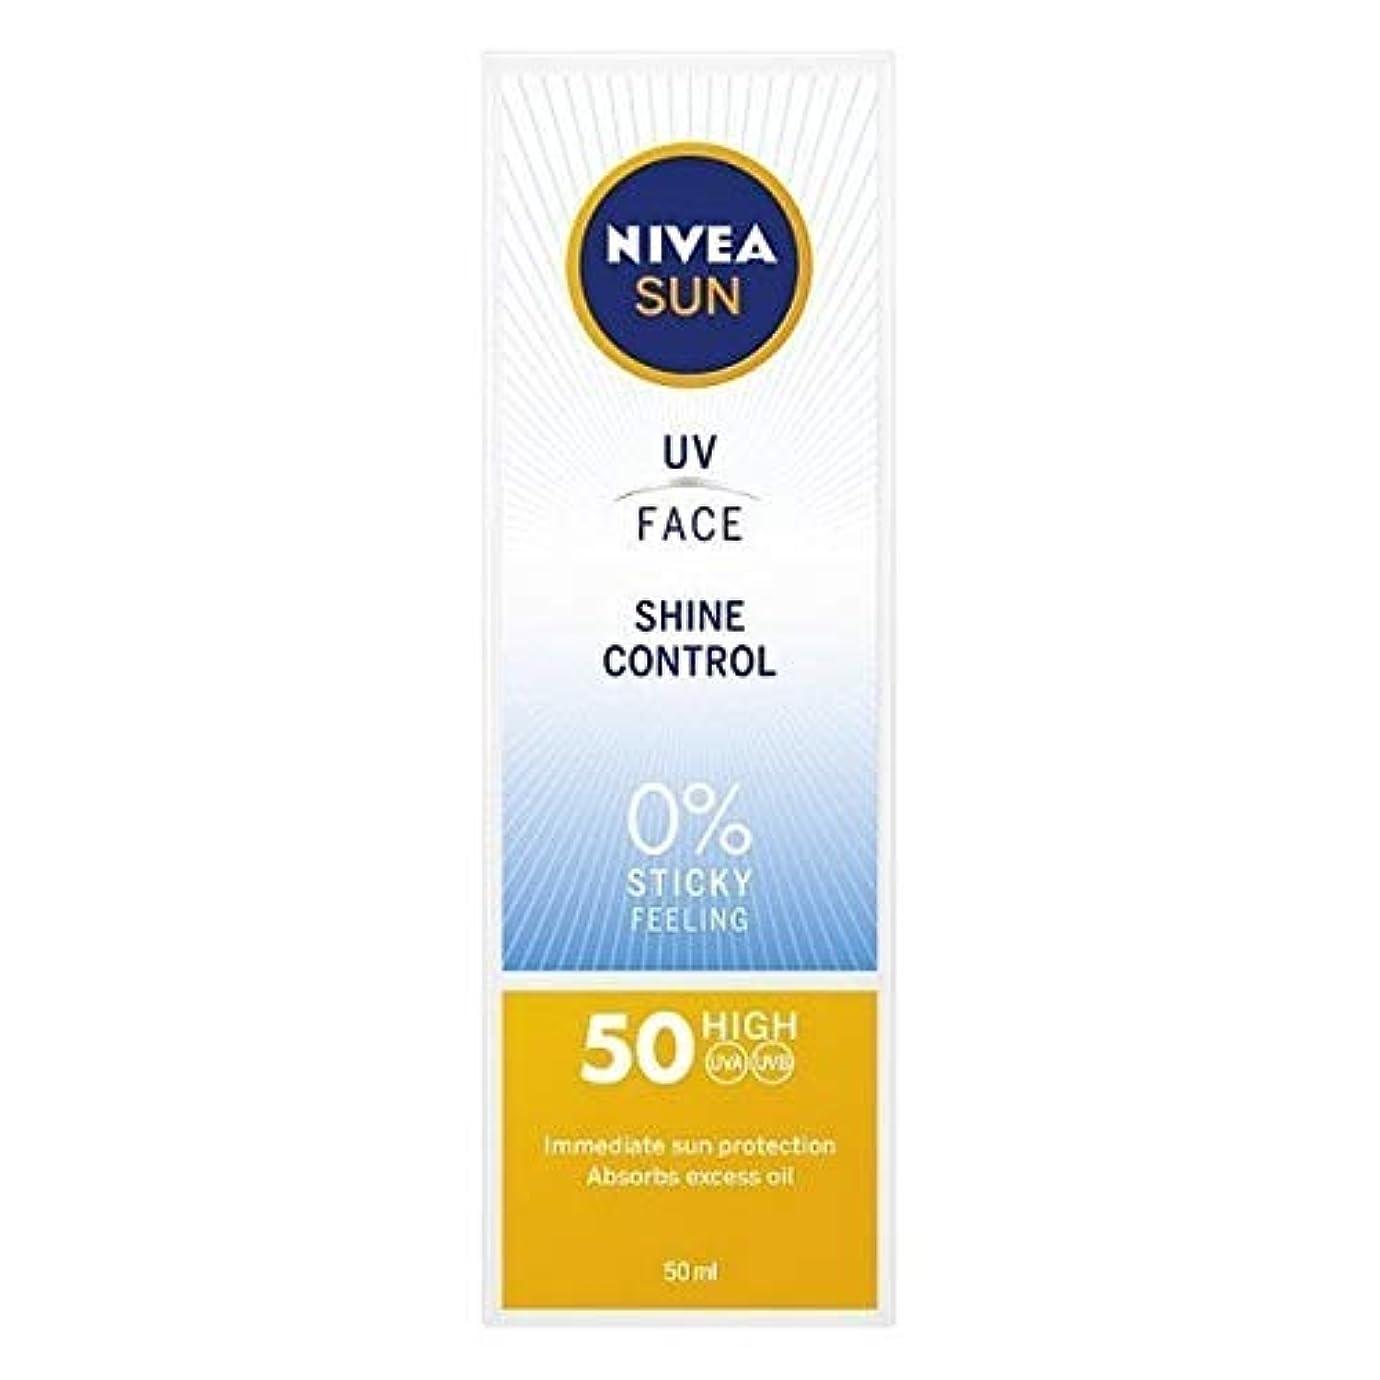 インタビュー経済売る[Nivea ] ニベアサンUv顔日焼け止めクリームのSpf 50、輝き制御、50ミリリットル - NIVEA SUN UV Face Suncream SPF 50, Shine Control, 50ml [並行輸入品]